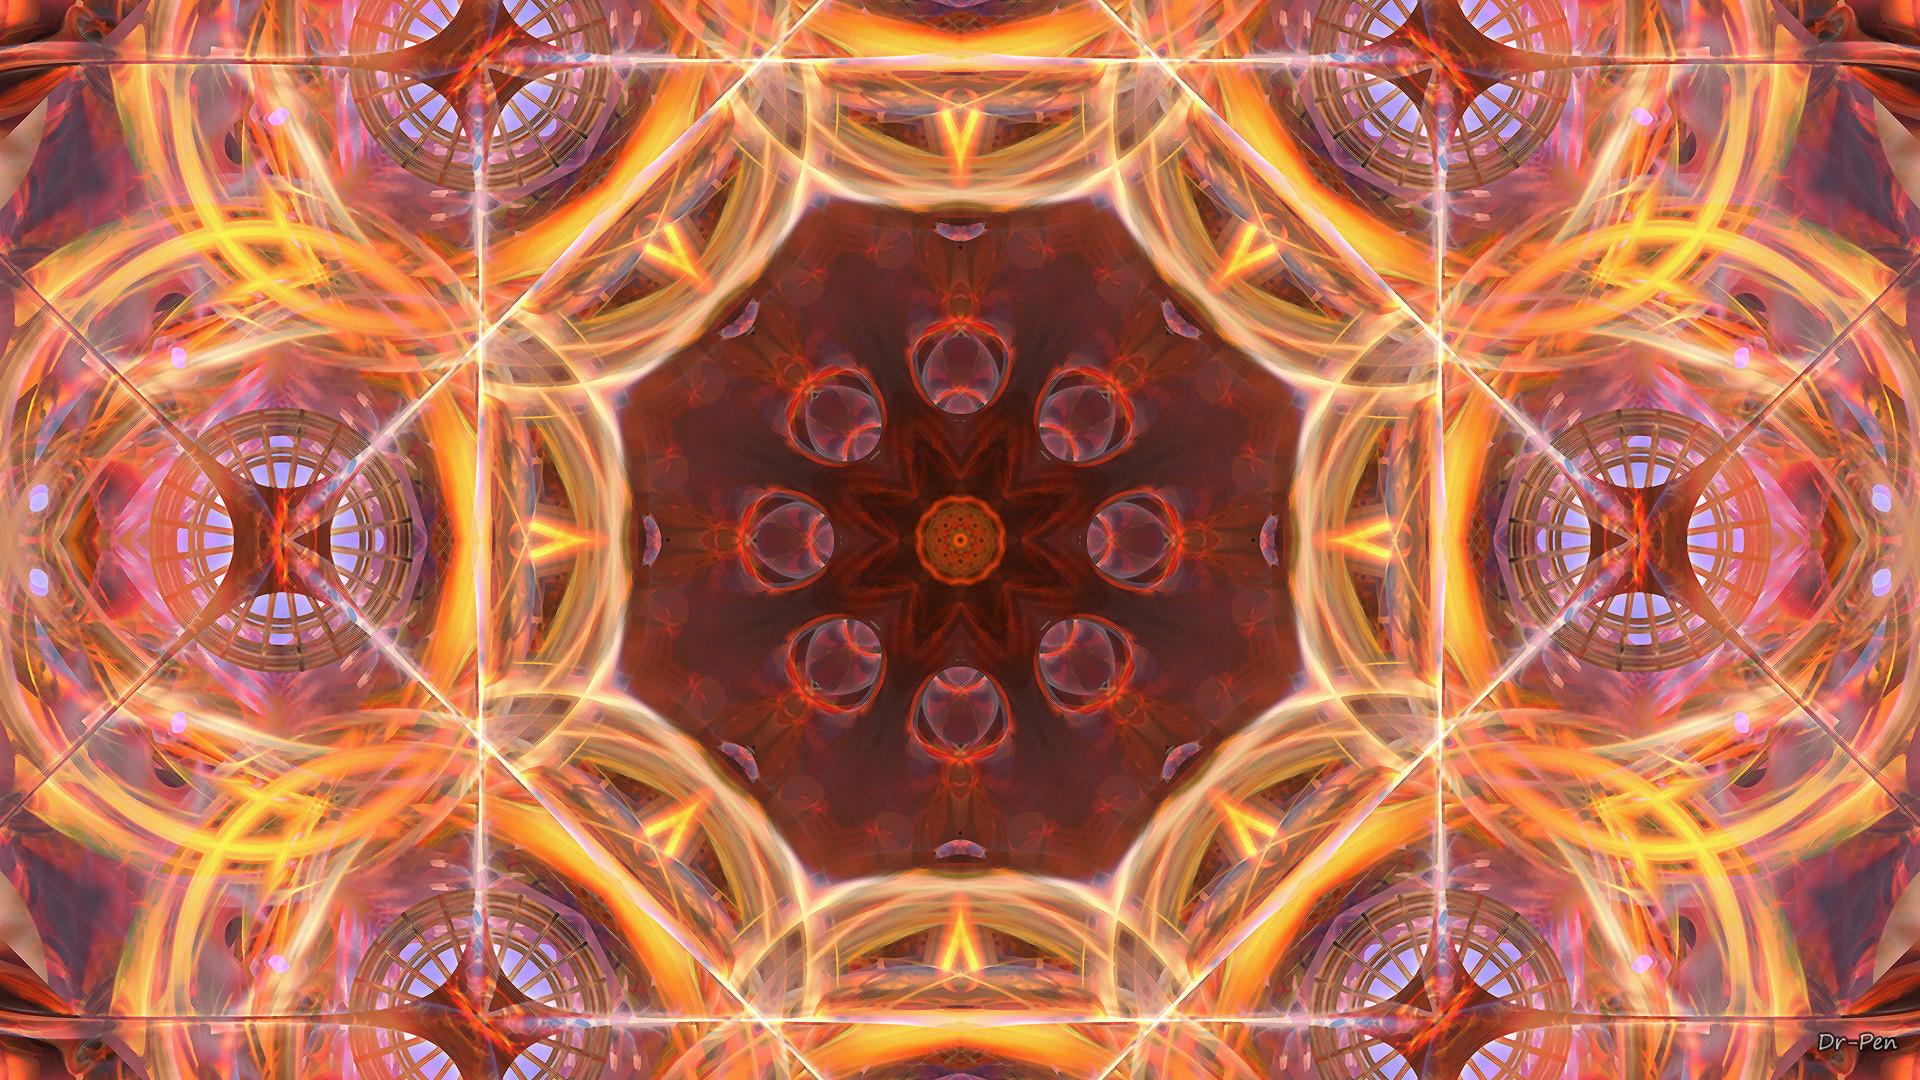 Abstract – Pattern Abstract Artistic Digital Mandala Manipulation Wallpaper